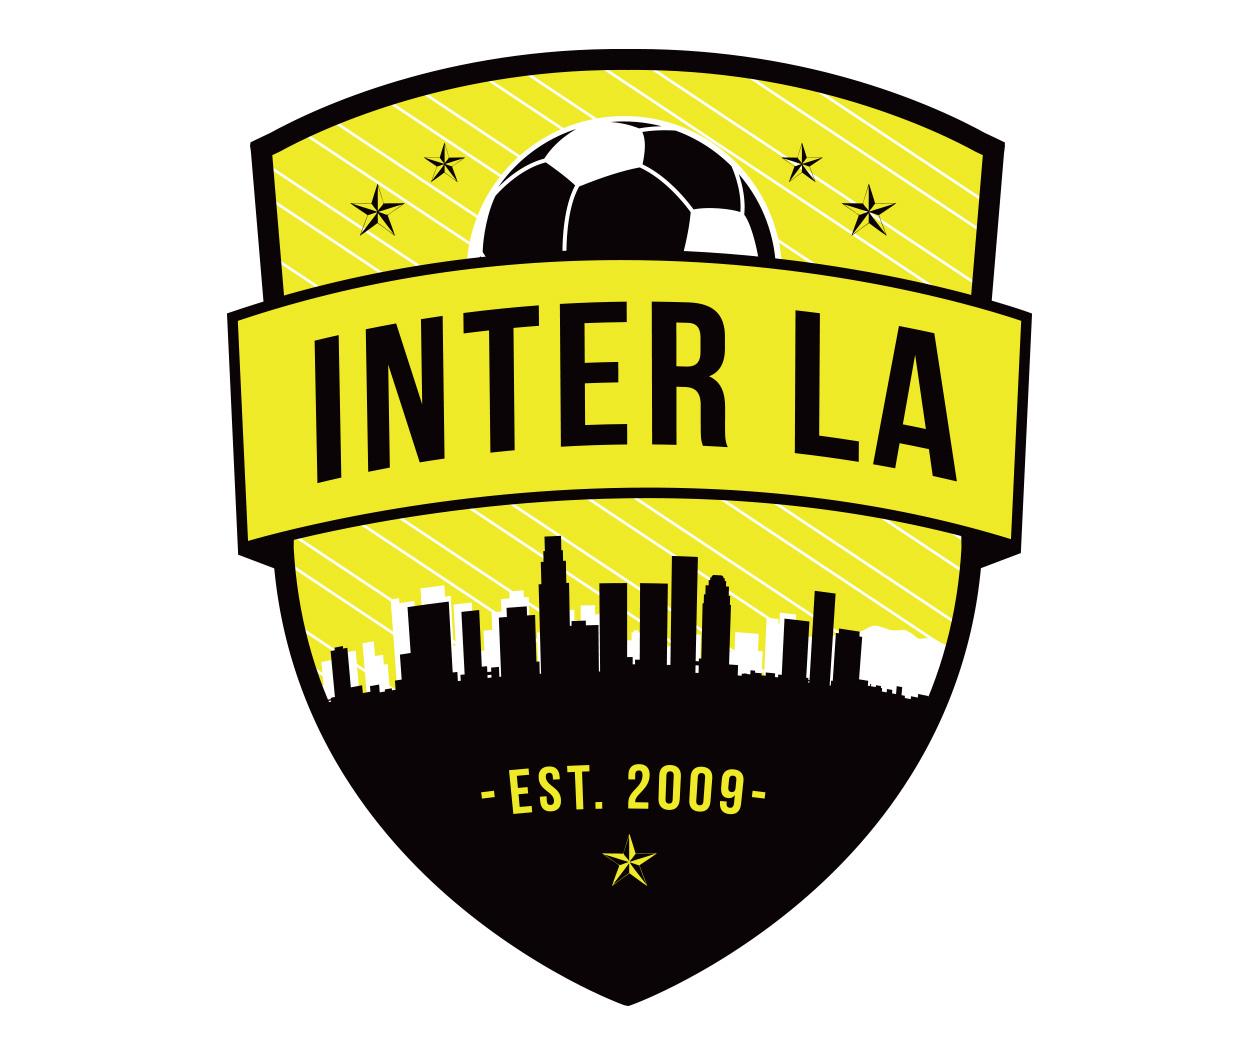 testimonial-for-the-custom-sports-logo-design-for-inter-la-by-jordan-fretz.jpg